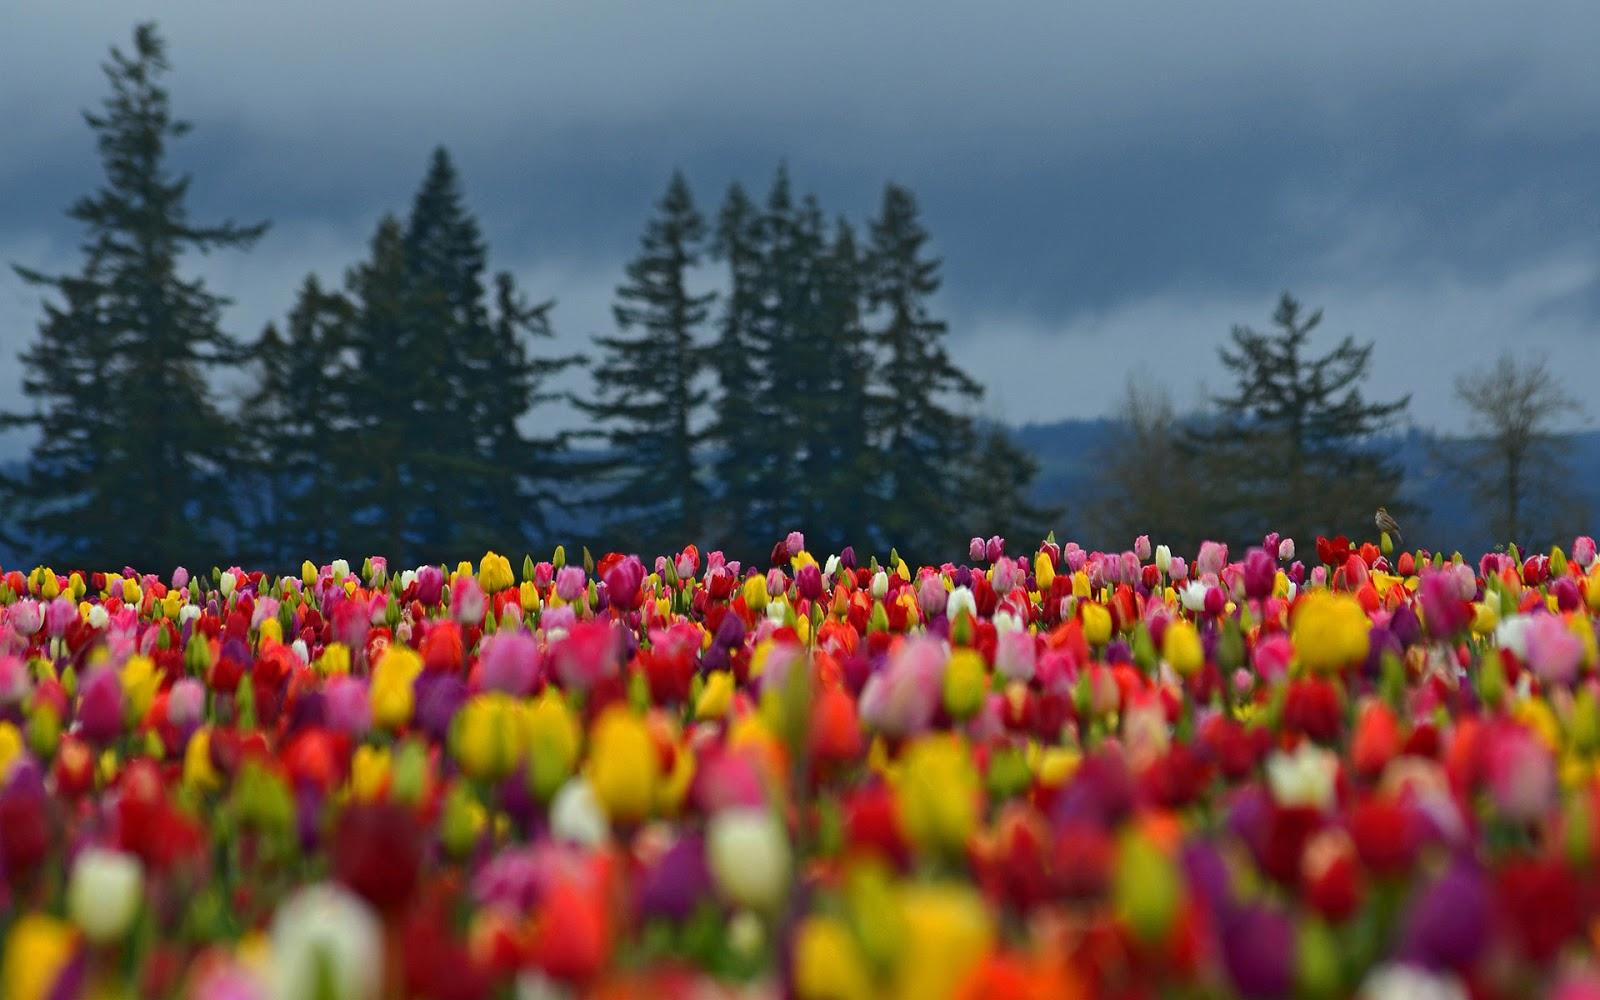 Wallpaper Met Een Prachtig Veld Vol Verschillende Kleuren - Colorful Flowers Field , HD Wallpaper & Backgrounds